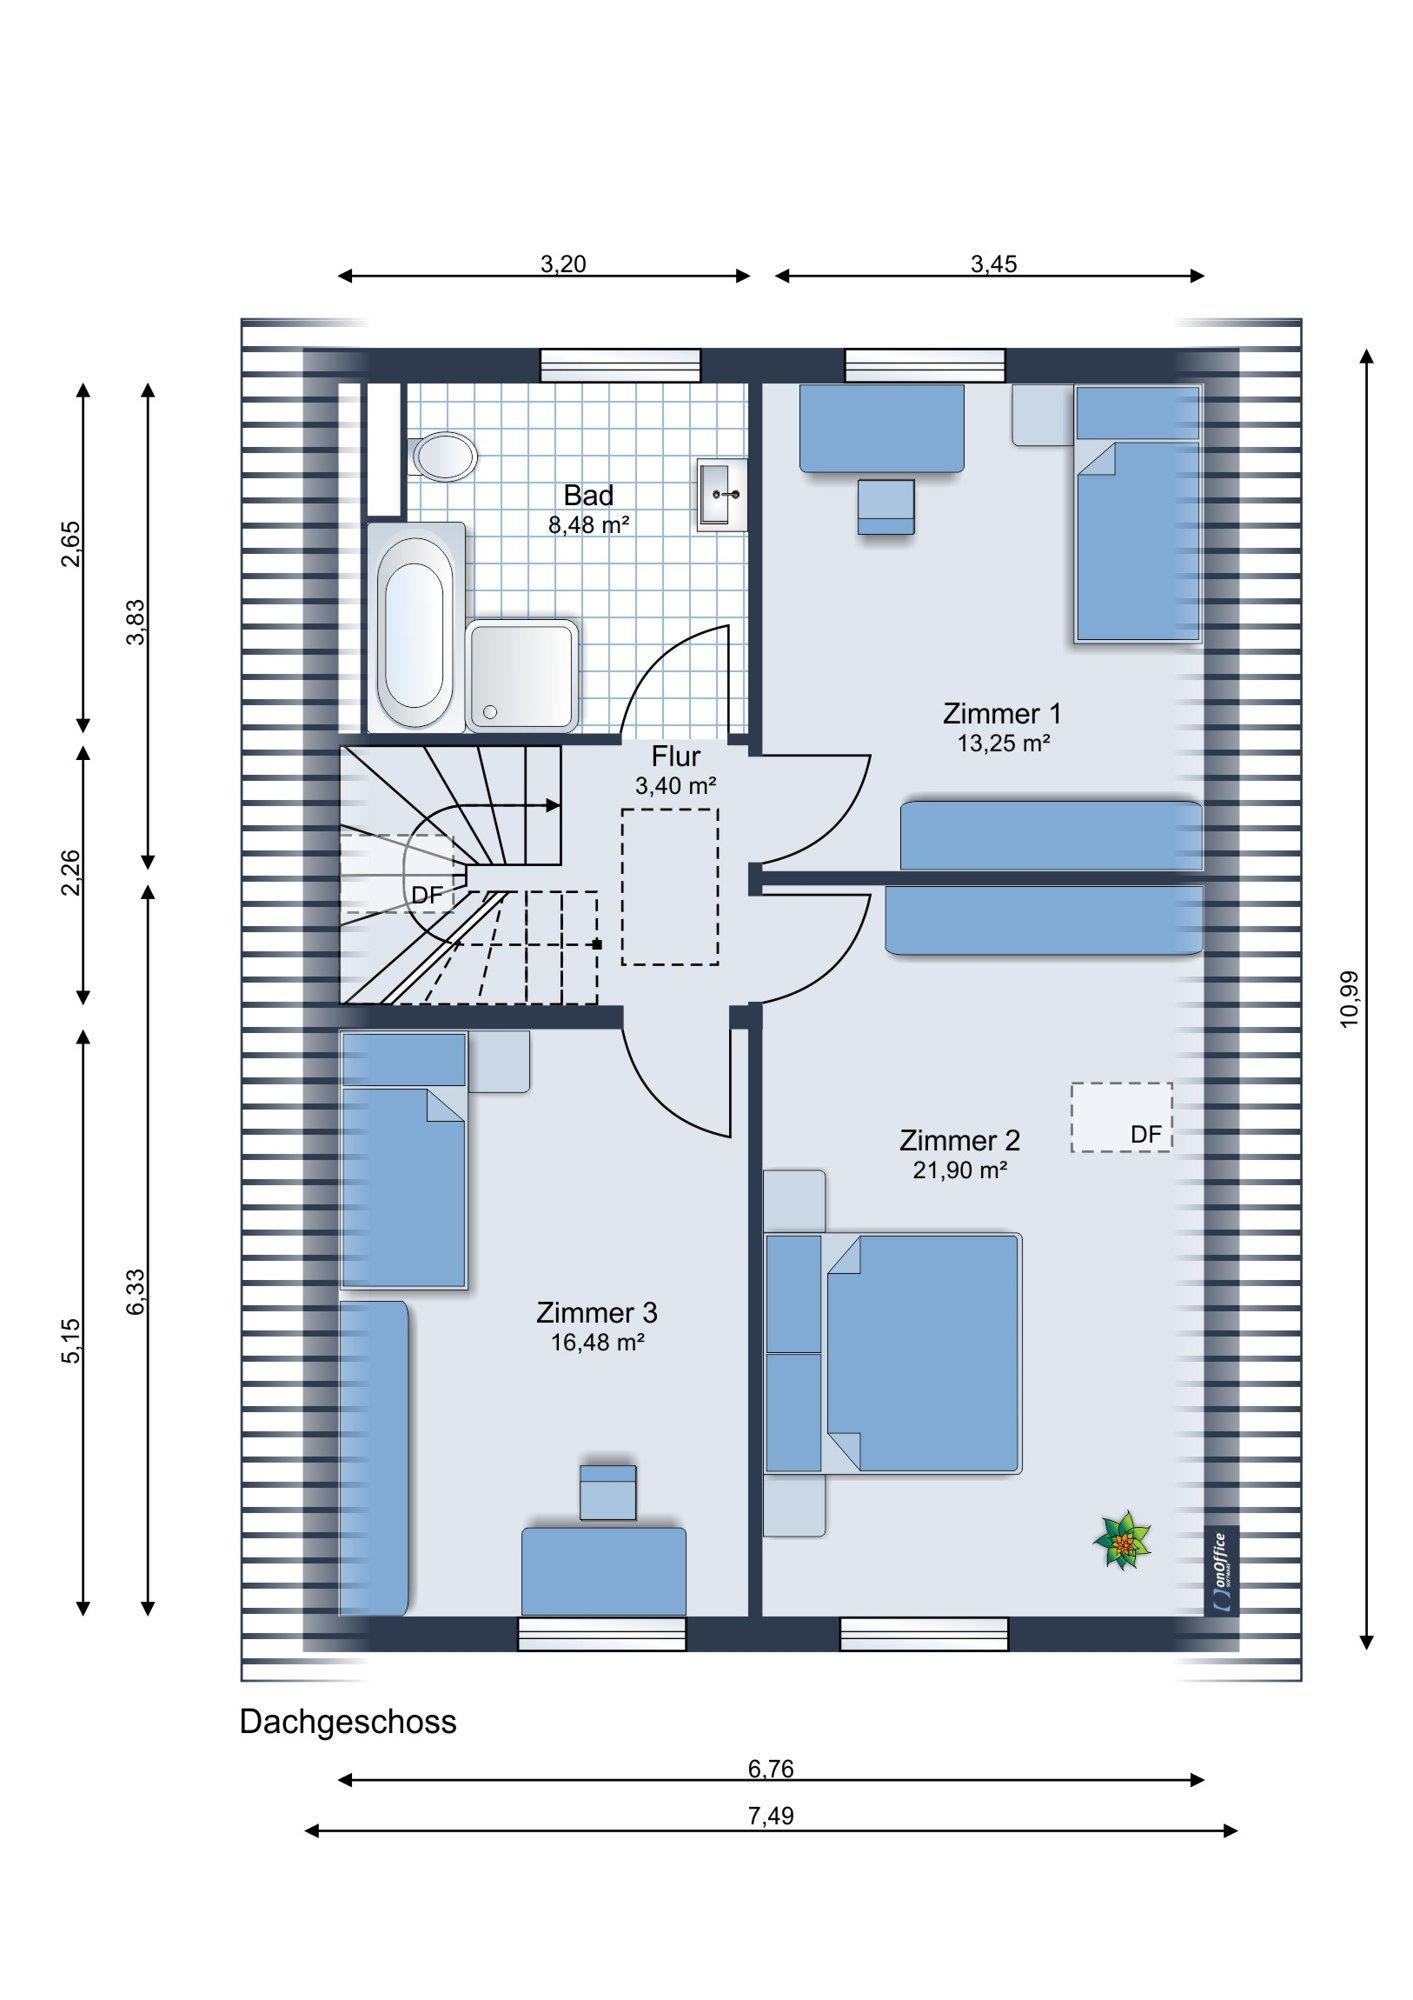 Möbliervorschlag Dachgeschoss